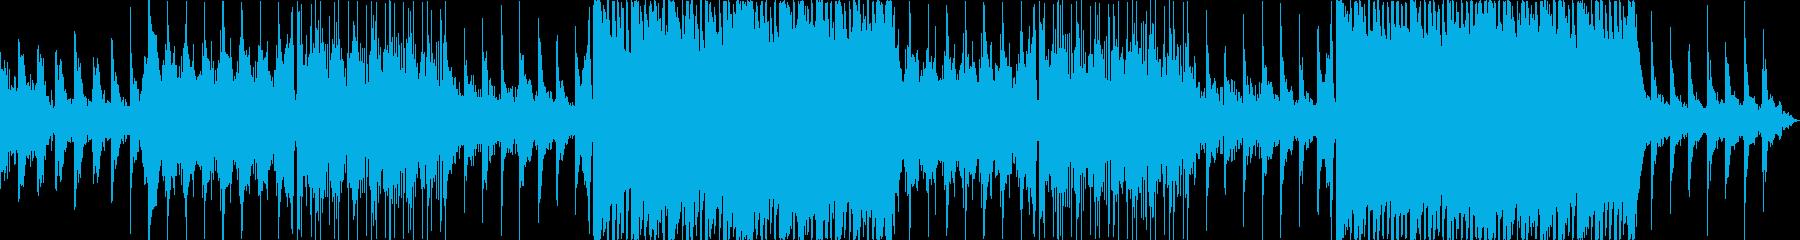 幻想的、フワフワ、エレクトロBGMの再生済みの波形